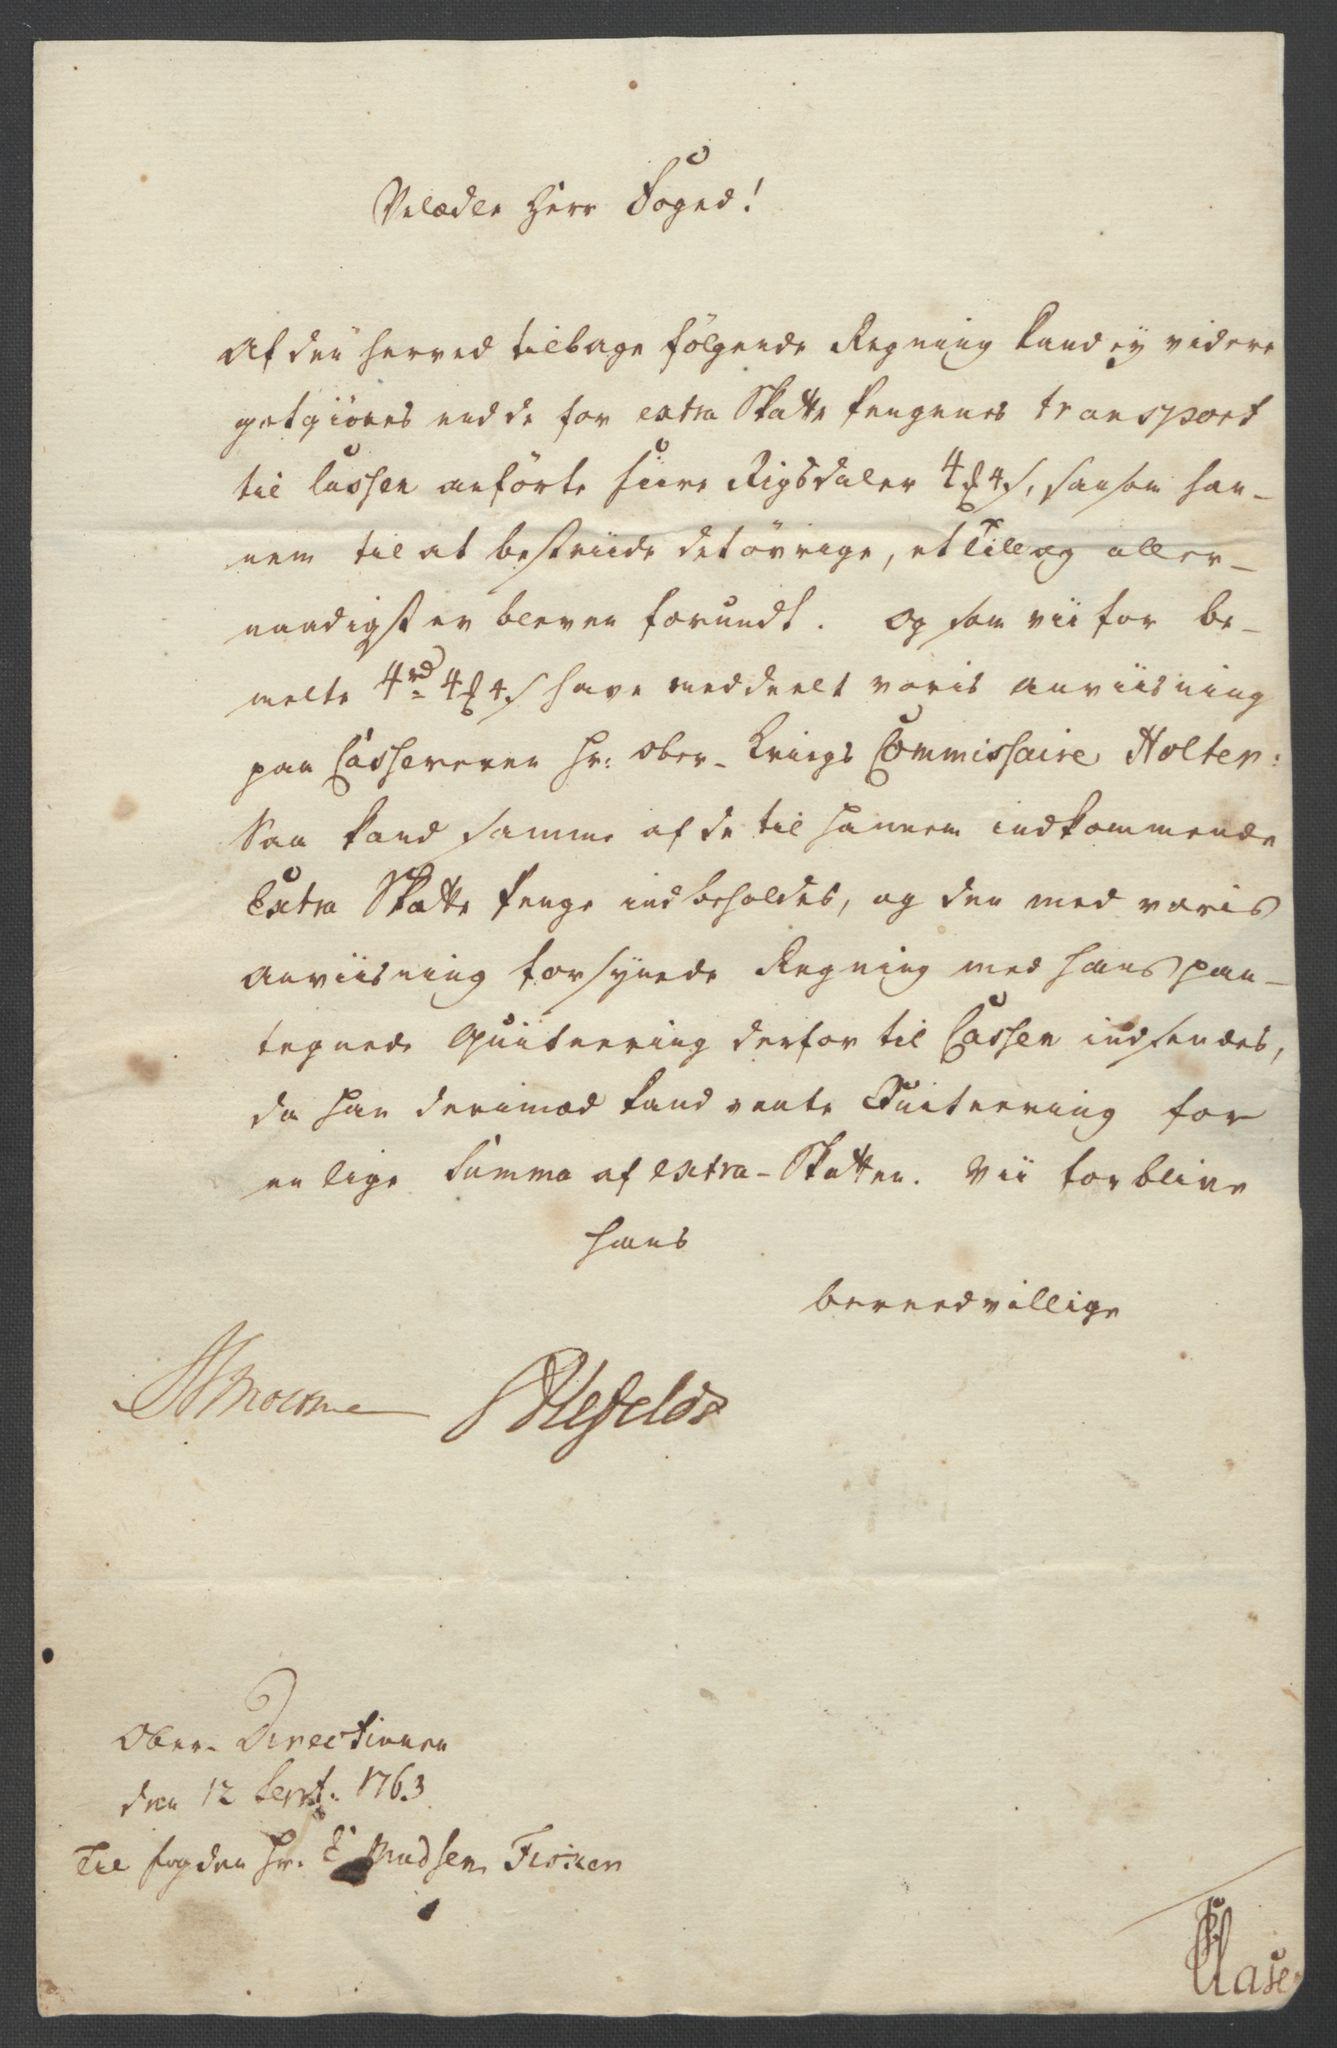 RA, Rentekammeret inntil 1814, Reviderte regnskaper, Fogderegnskap, R31/L1833: Ekstraskatten Hurum, Røyken, Eiker, Lier og Buskerud, 1762-1764, s. 139